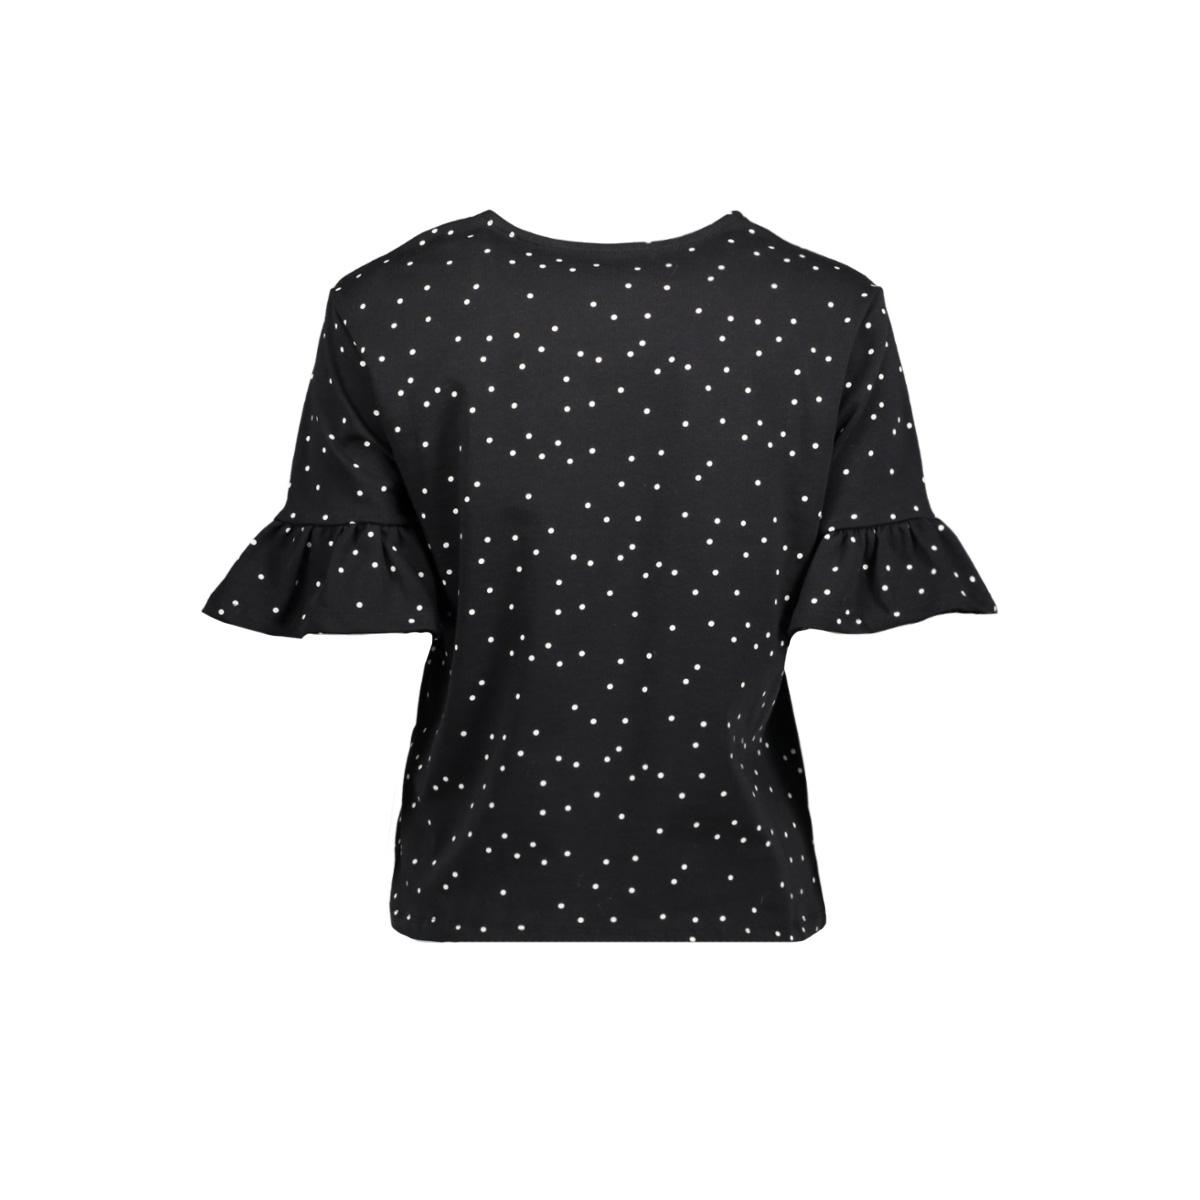 087cc1k085 edc t-shirt c001